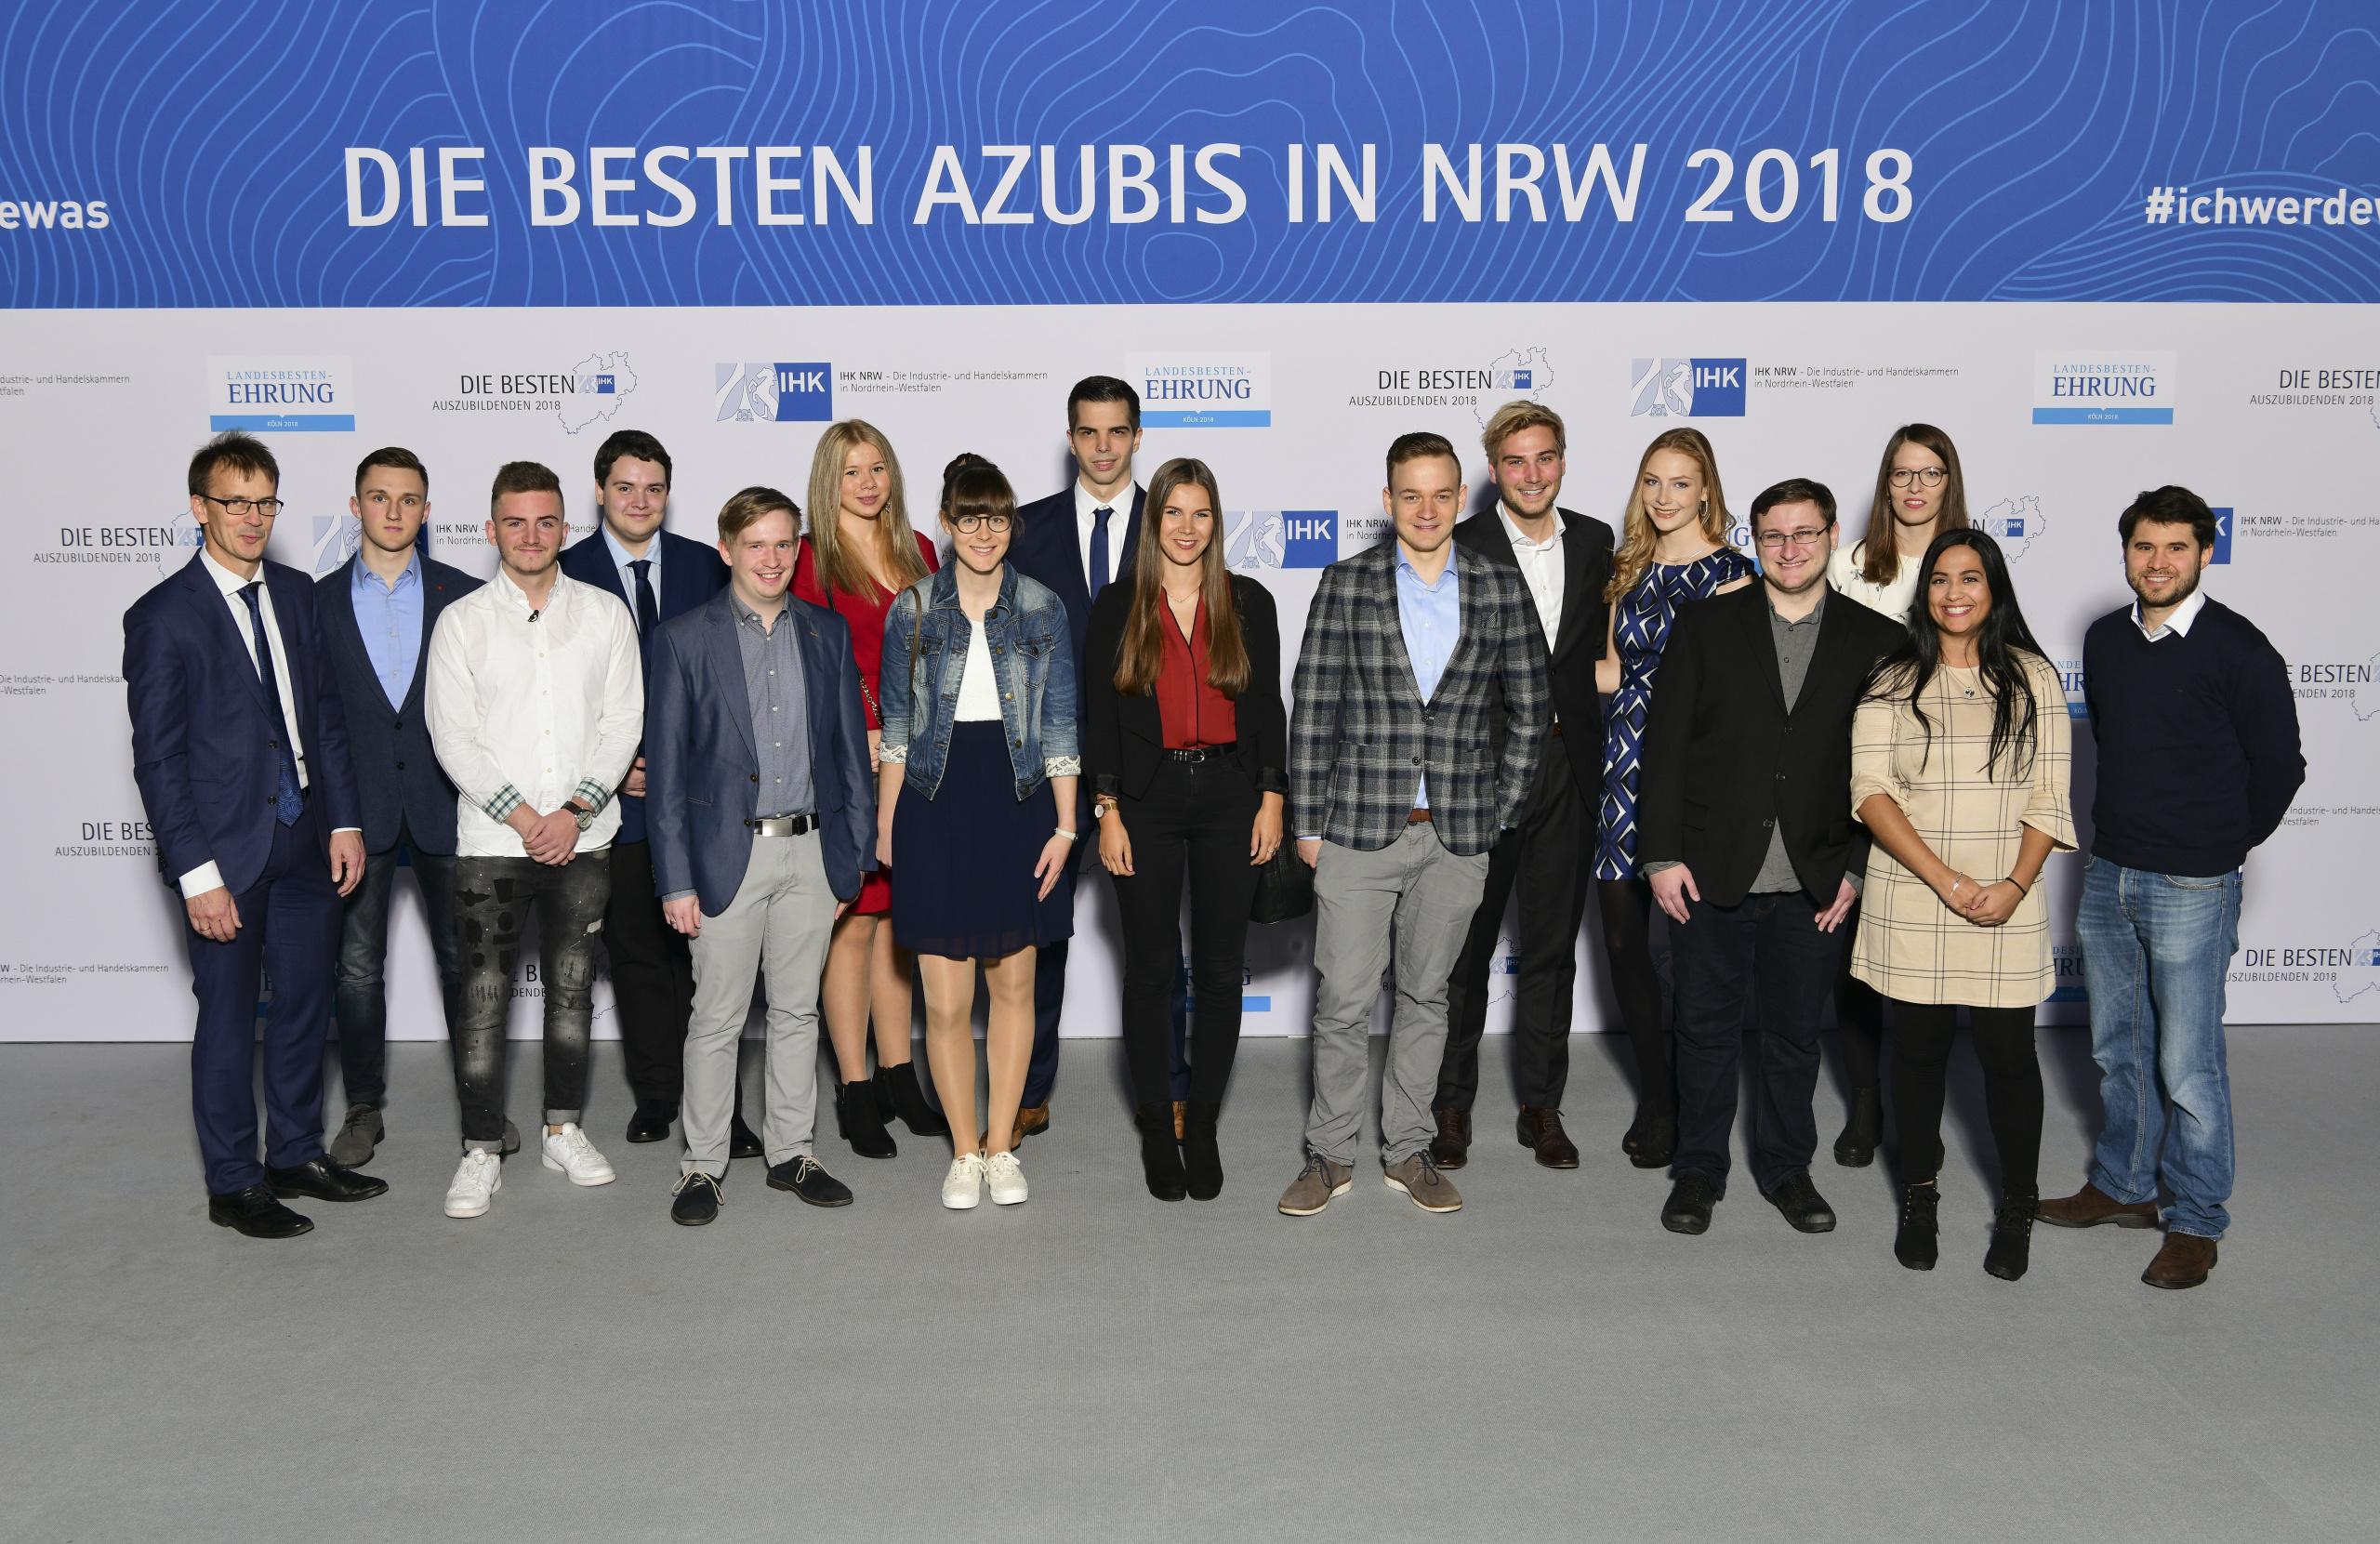 Landesbestenehrung_2018,_Katharina_Barzik,_Gruppenfoto_IHK_Düsseldorf.jpg